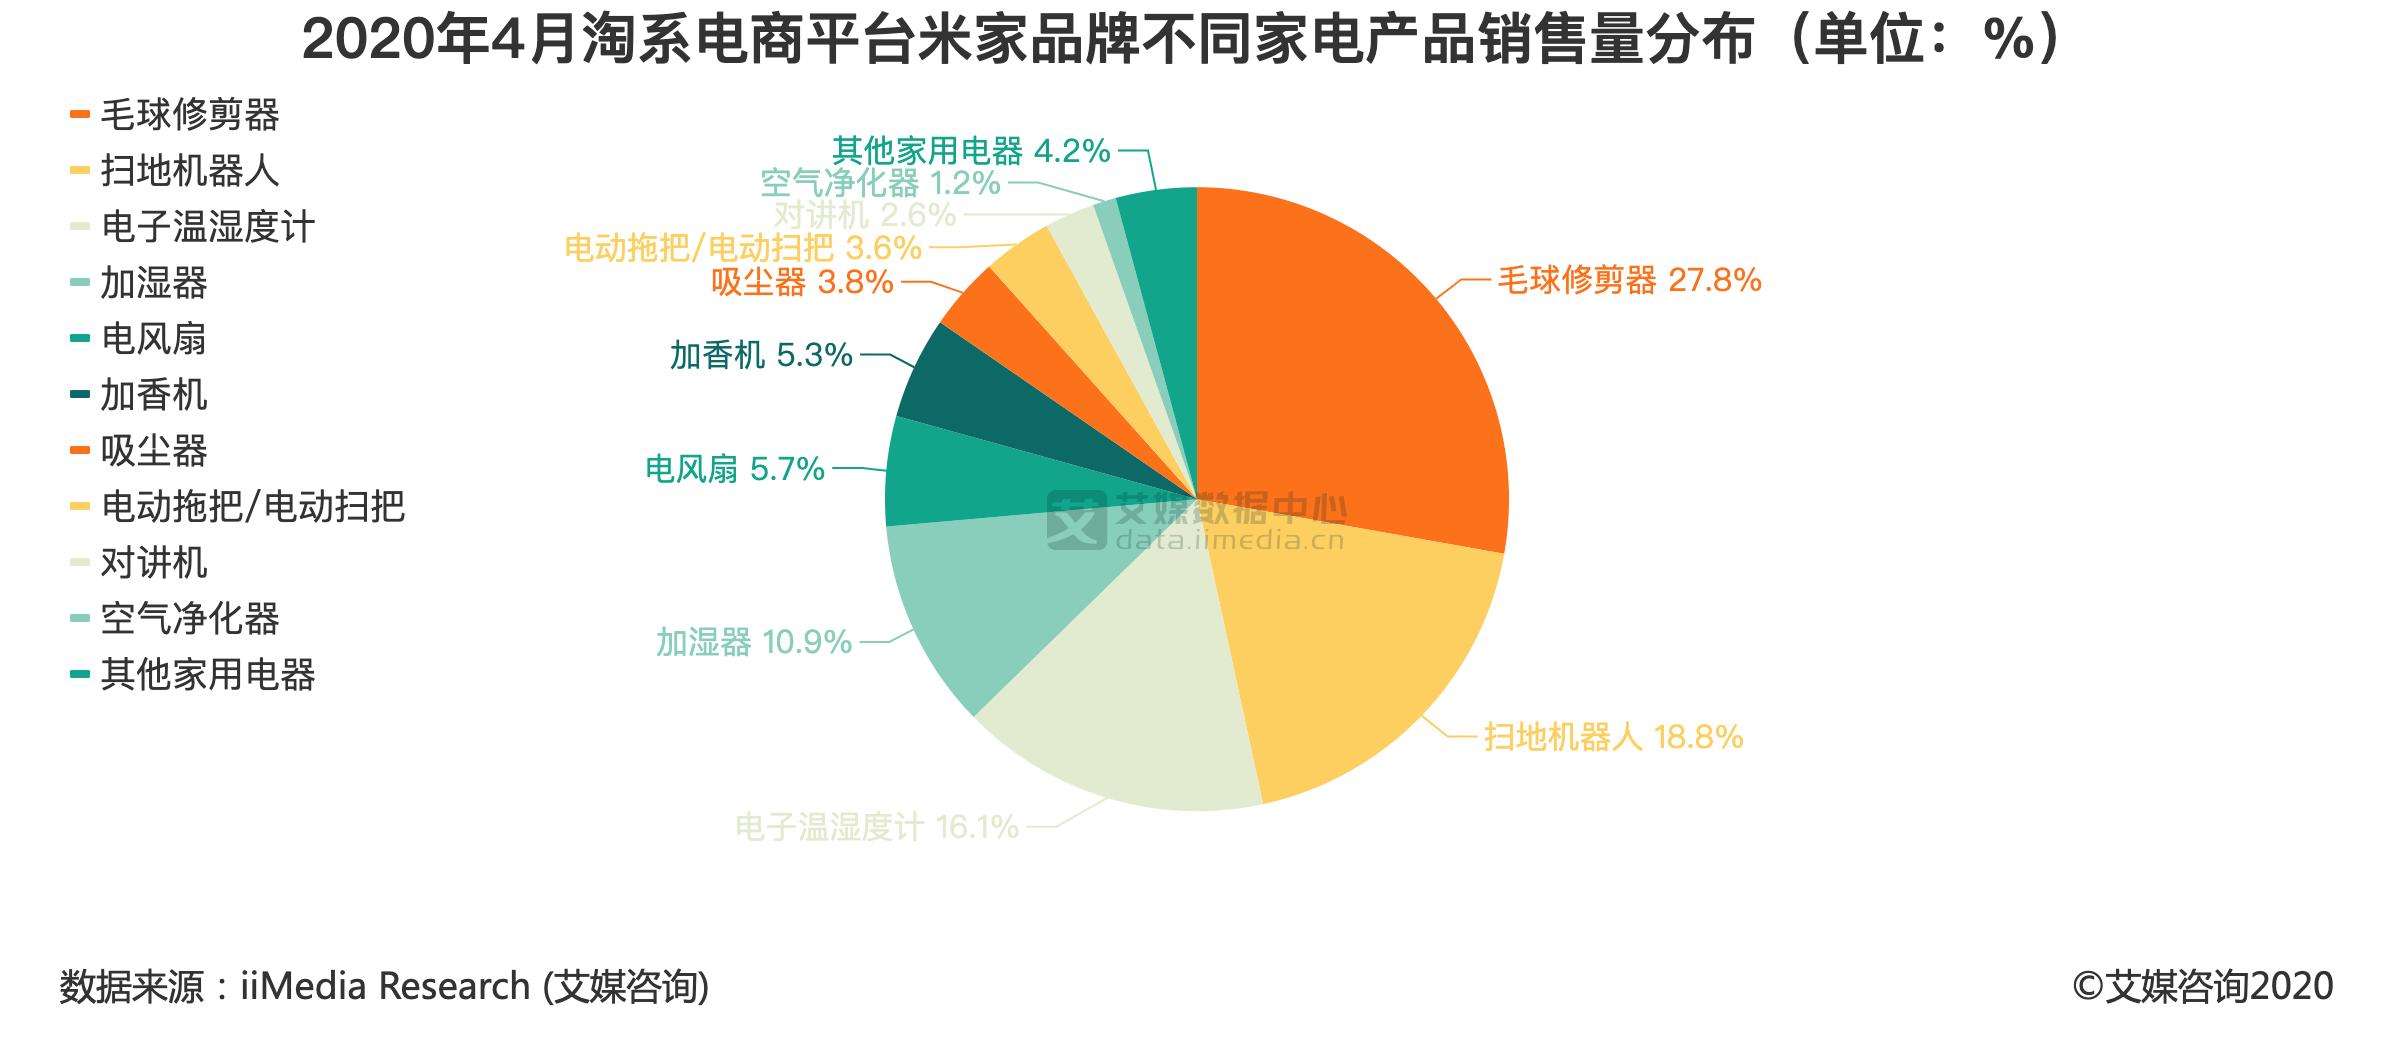 2020年4月淘系电商平台米家品牌不同家电产品销售量分布(单位:%)